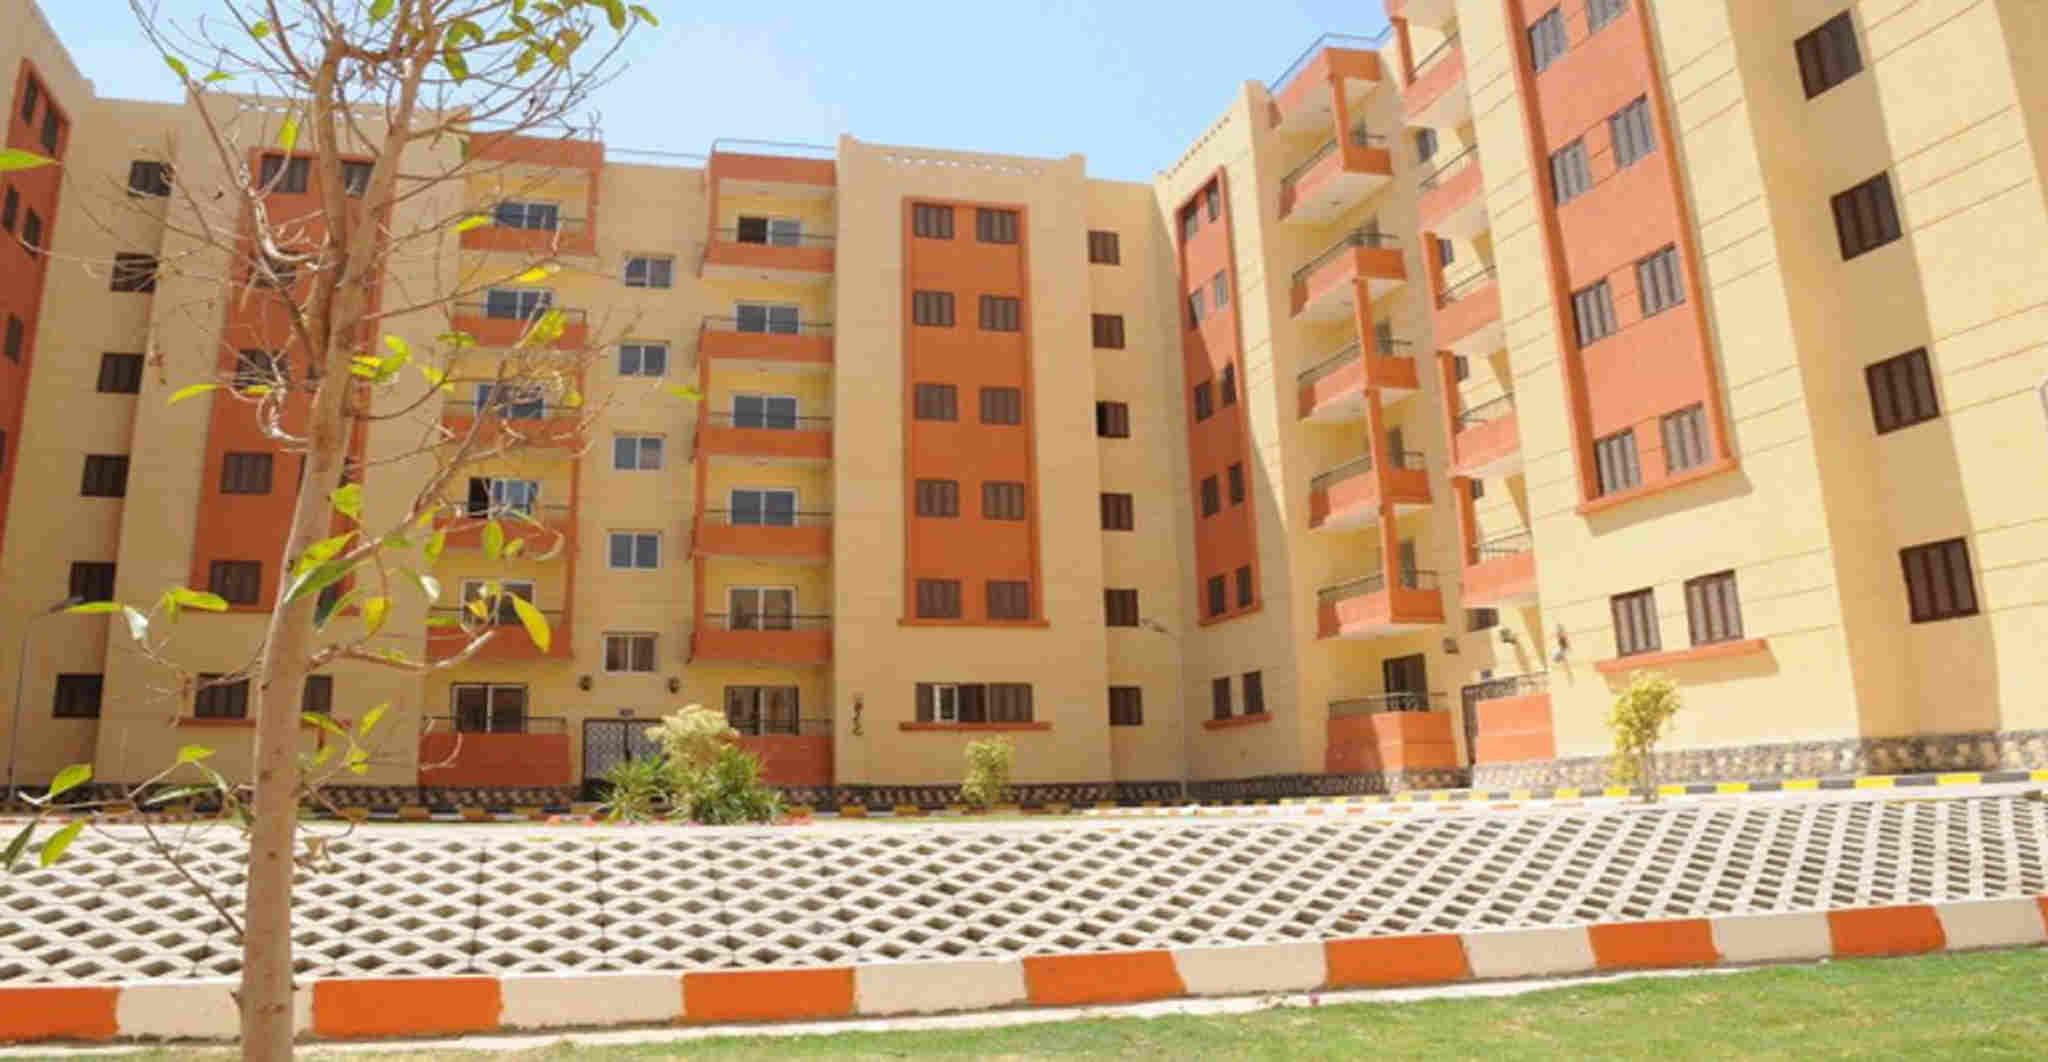 أهم المعلومات عن مدينة بدر - أحياء مدينة بدر